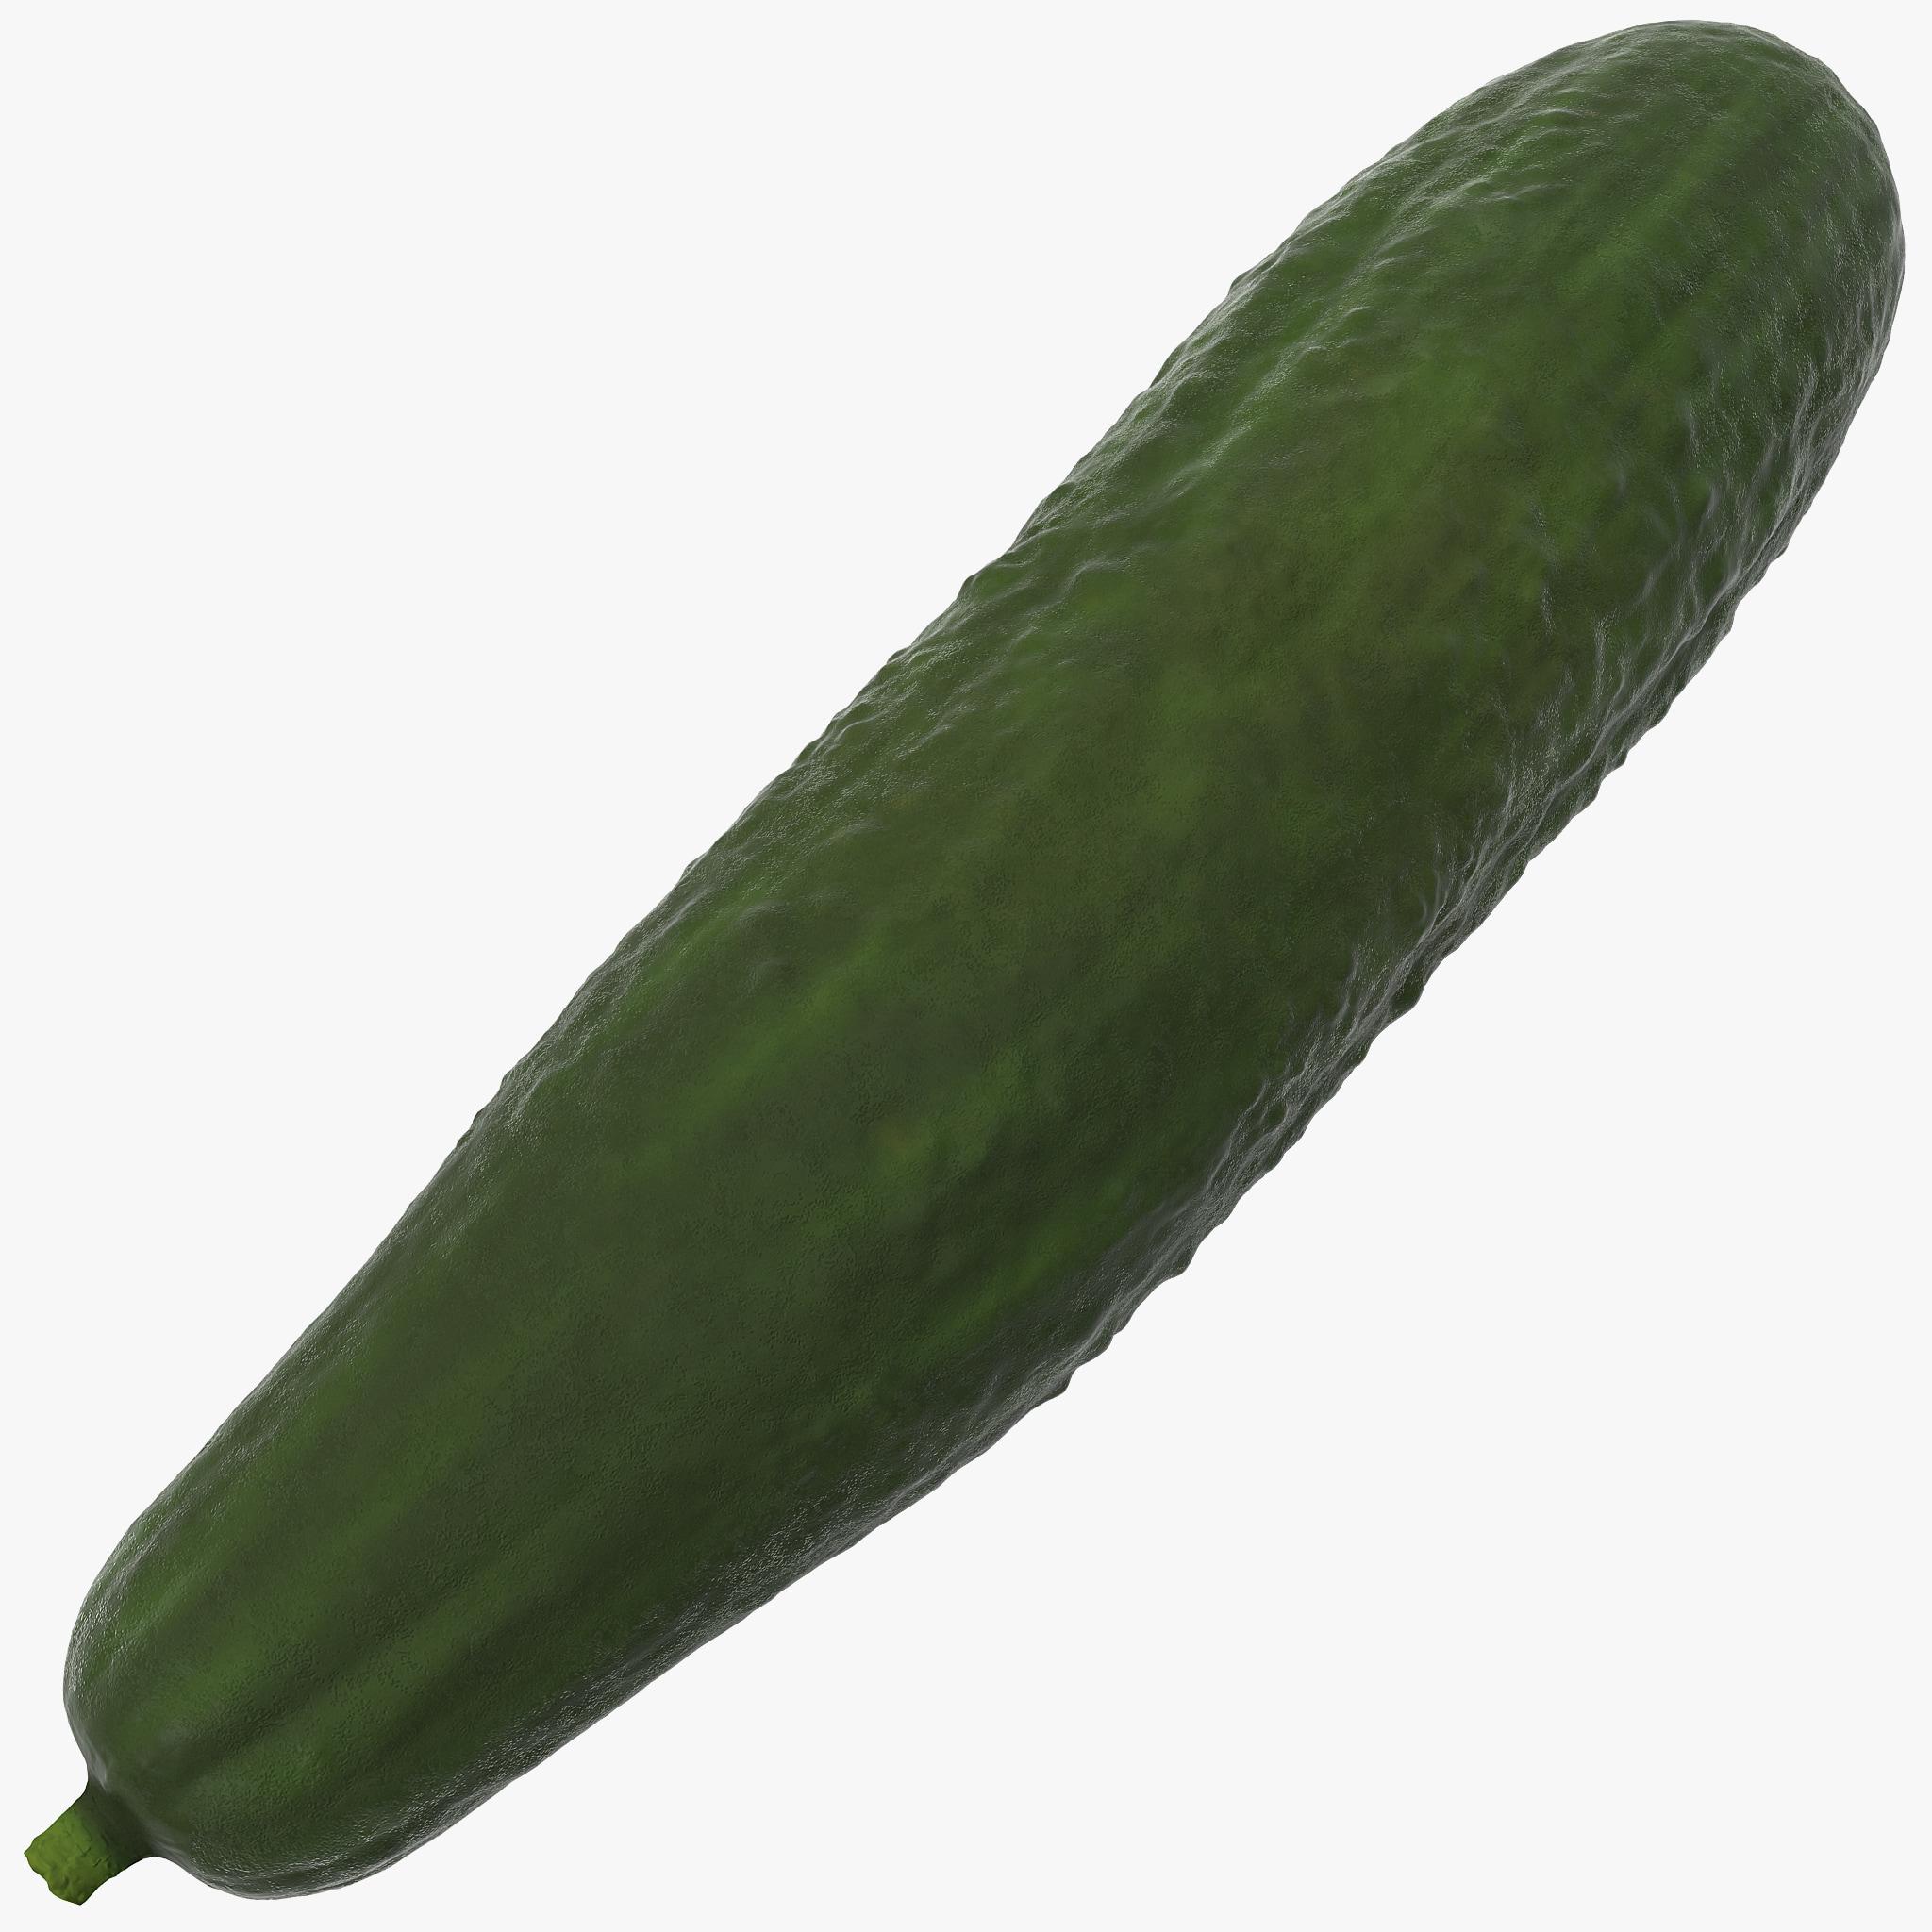 cucumber 2 3d model